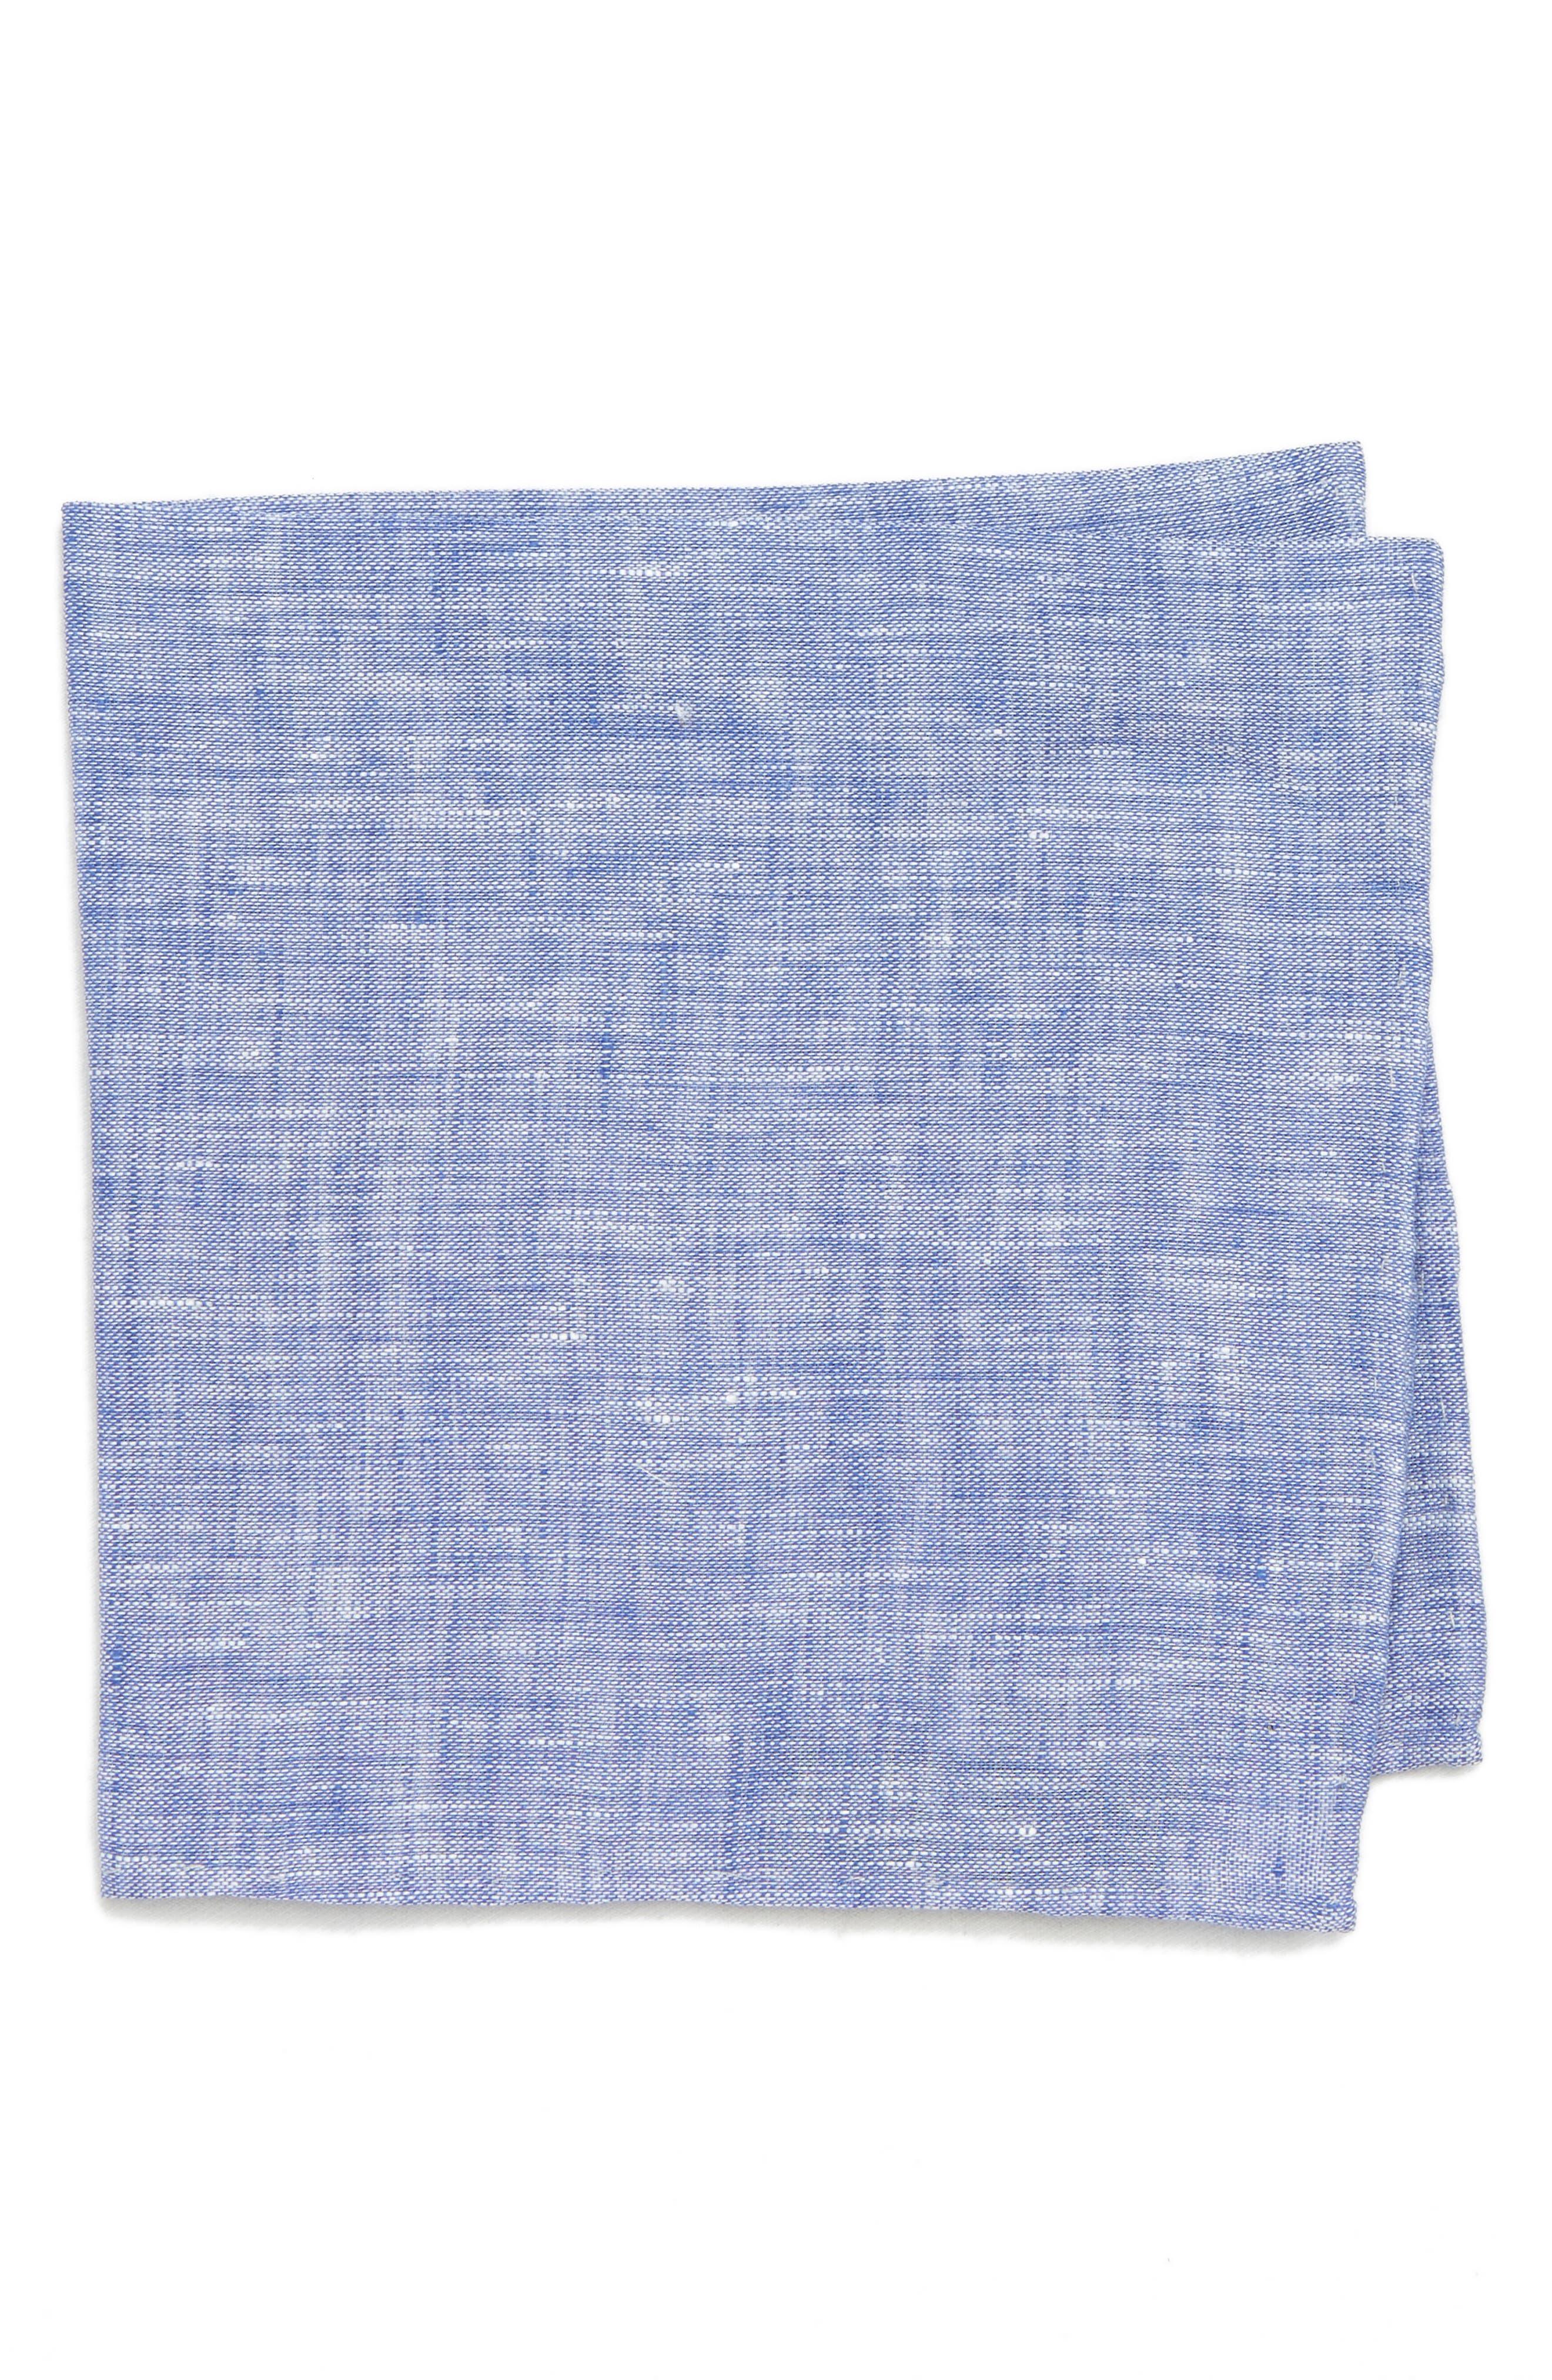 South End Linen Pocket Square,                             Main thumbnail 1, color,                             Blue